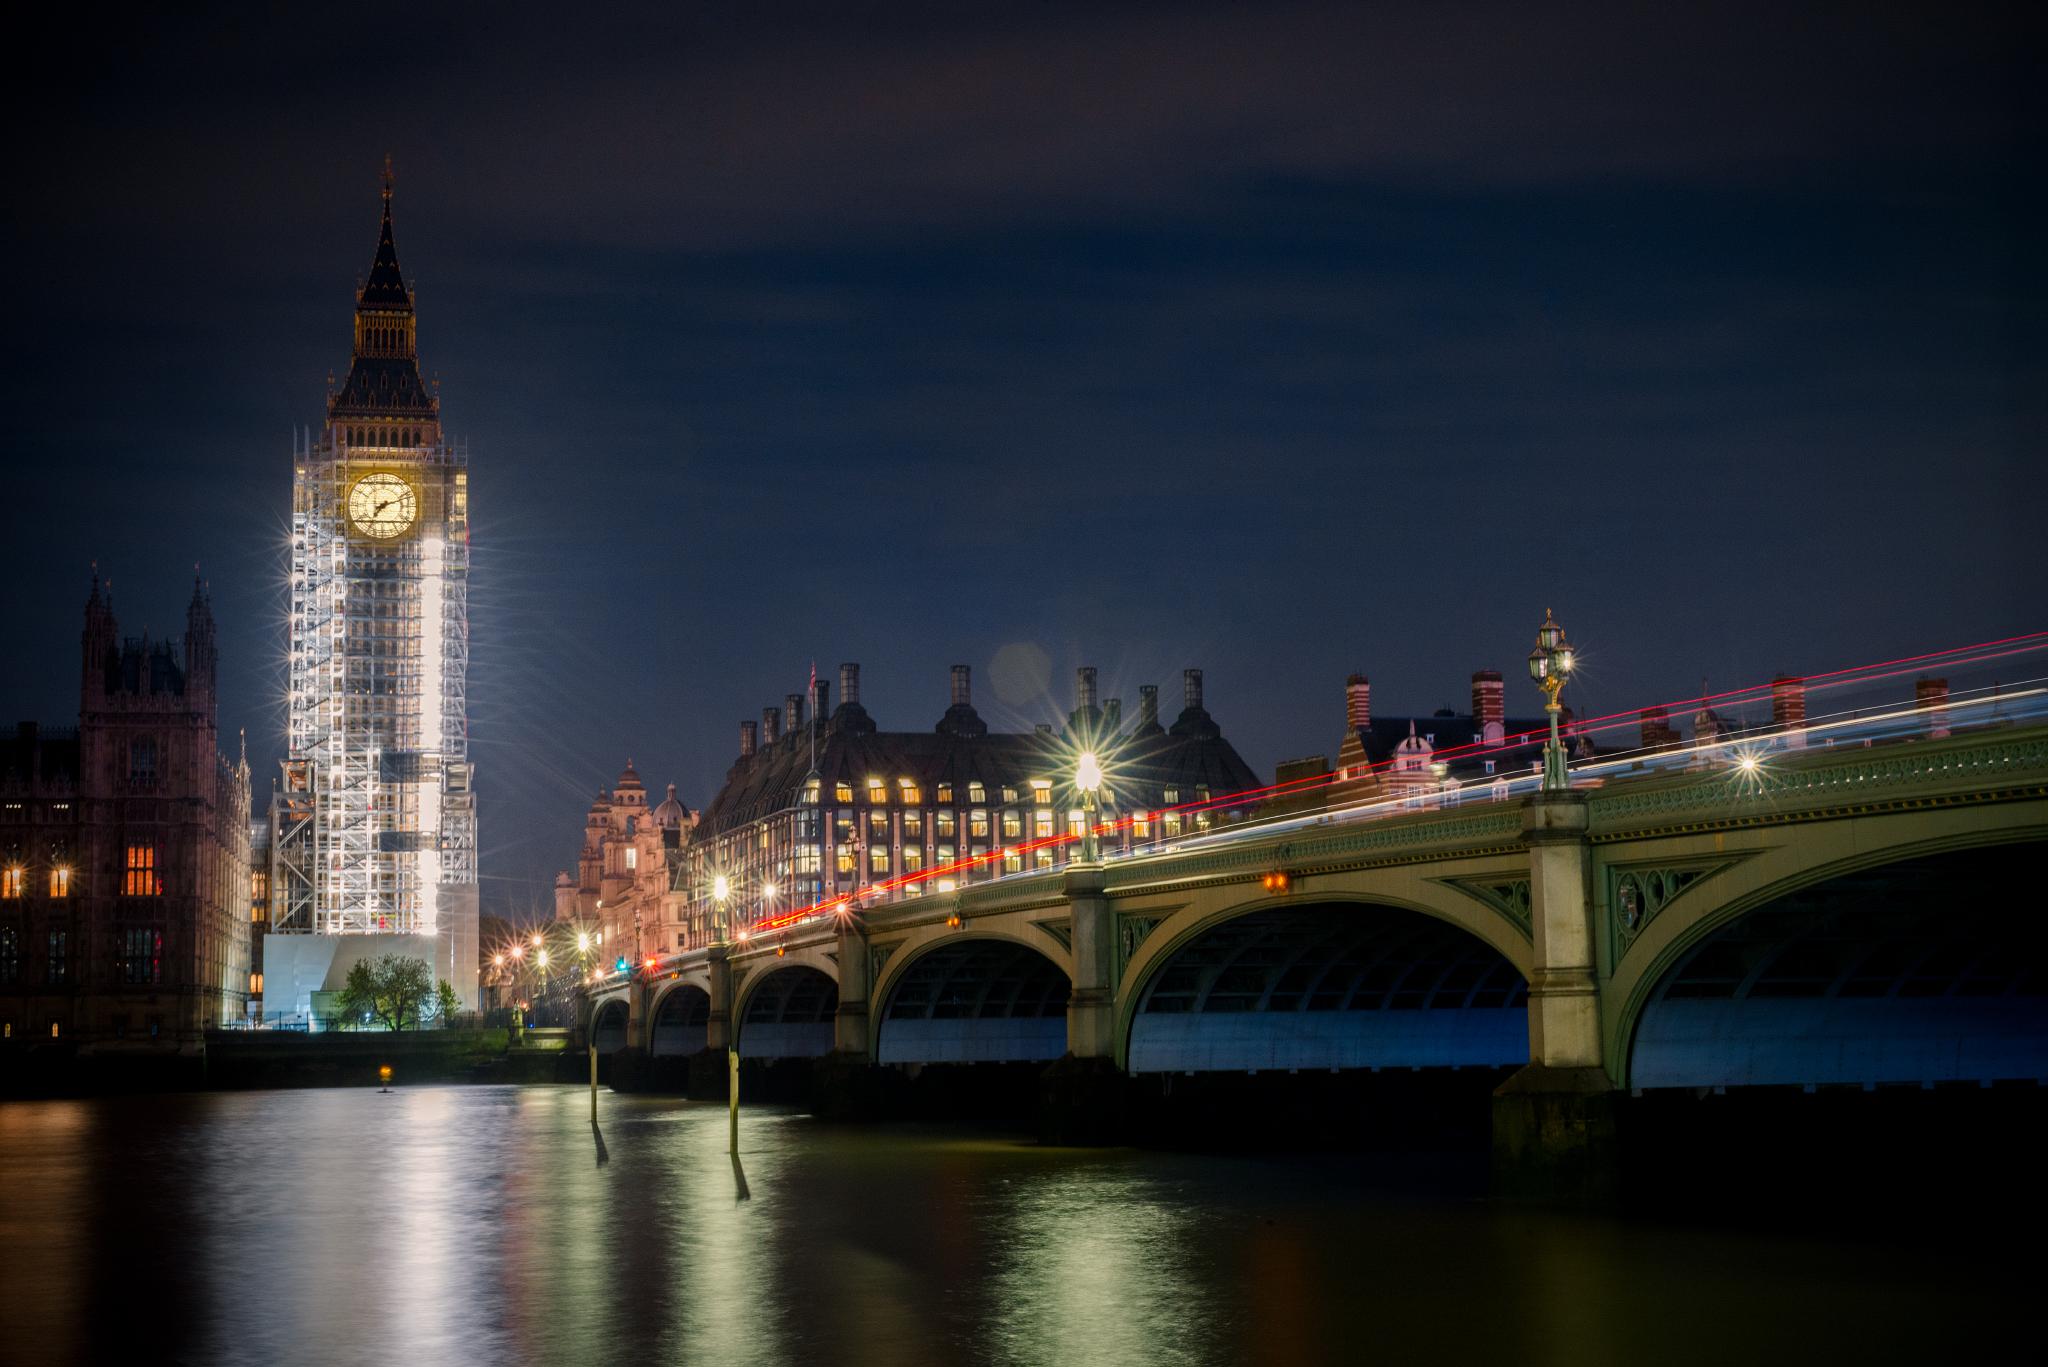 Eingezäunt zur Renovierung: Der Clock Tower (umgangssprachlich auch BigBen) in London.